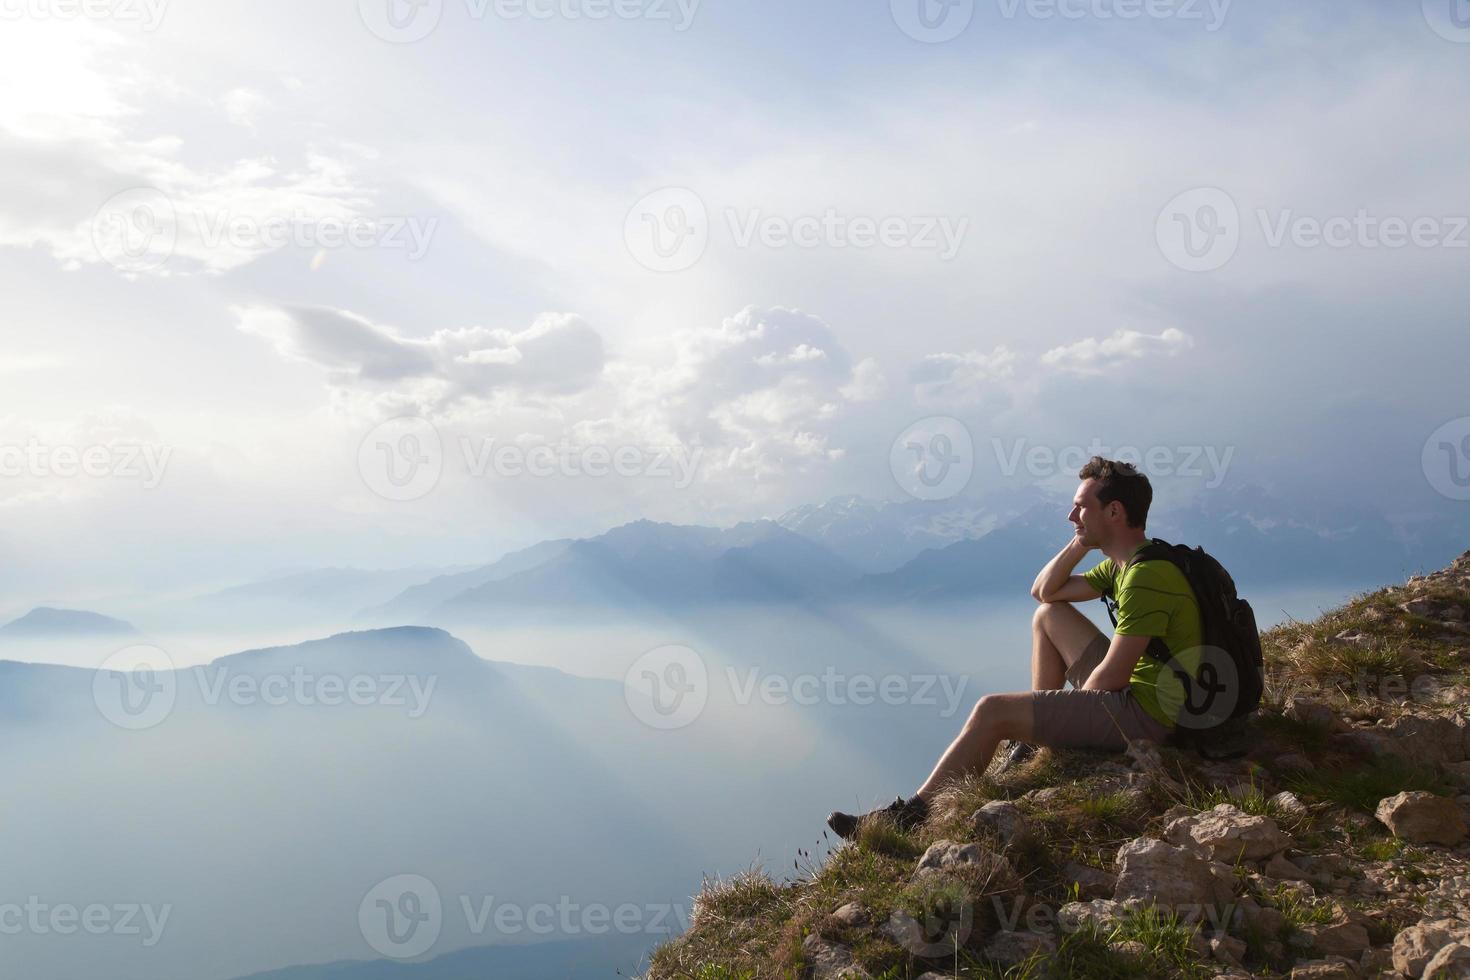 vandrare resenär njuter av panoramautsikt över bergen foto